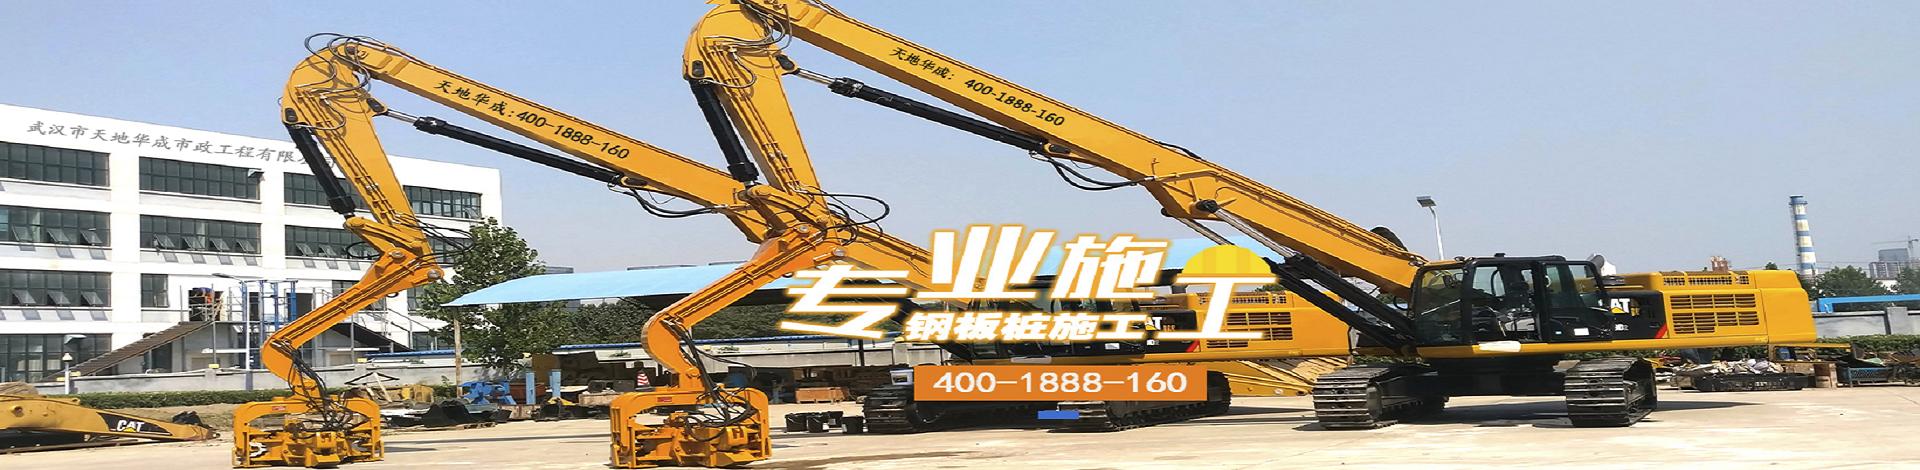 武汉市天地华成市政工程有限公司